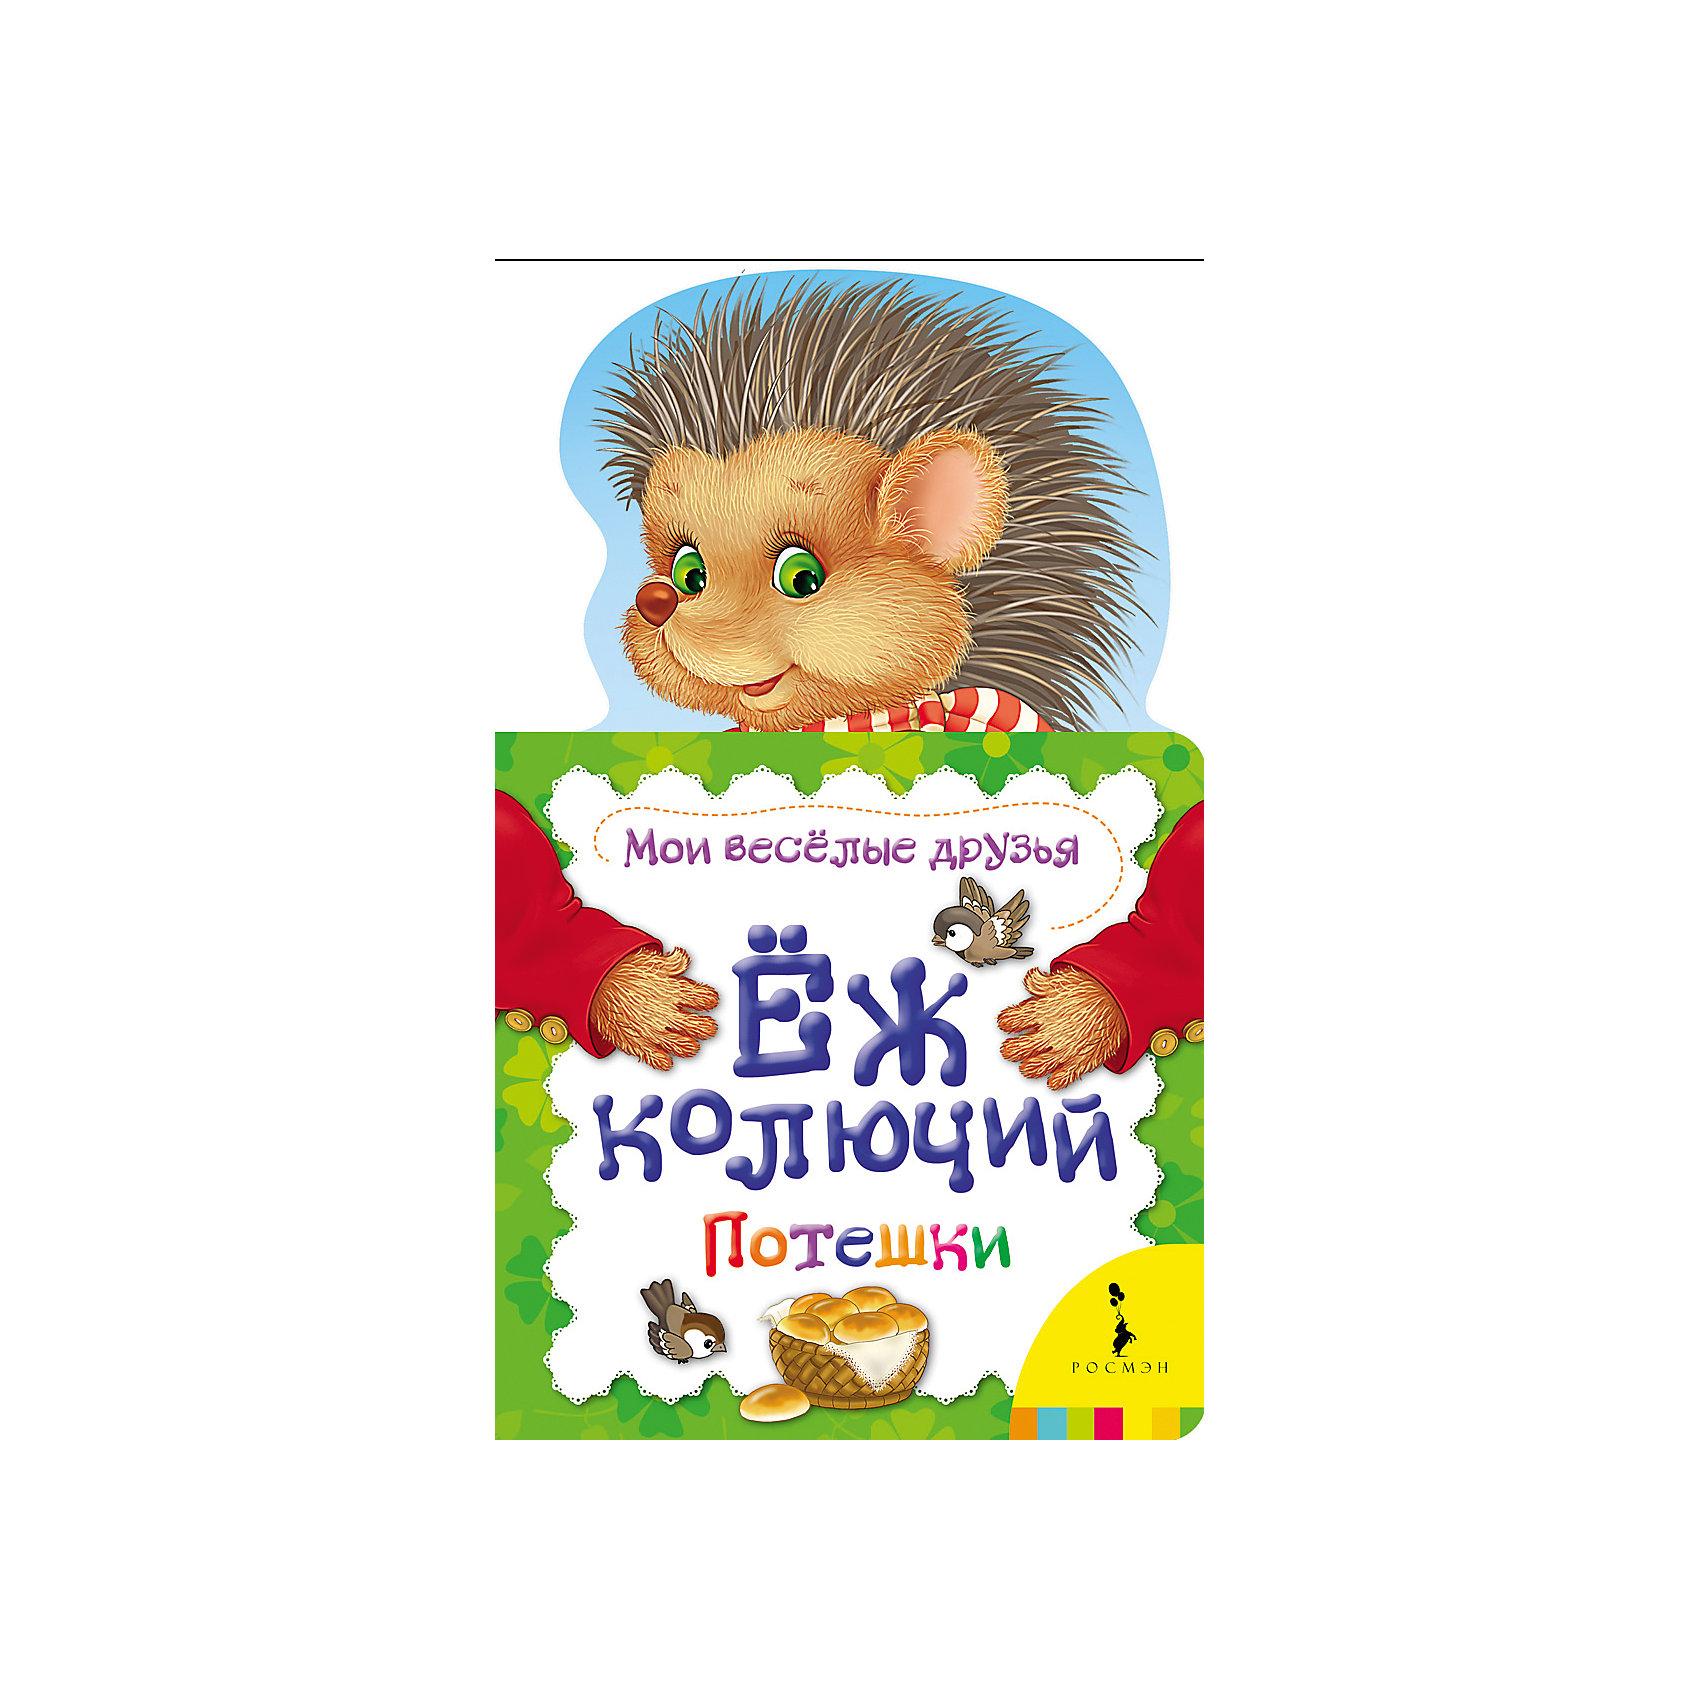 Росмэн Ёж колючий, Мои веселые друзья росмэн книжка раскладушка колыбельные веселые гармошки